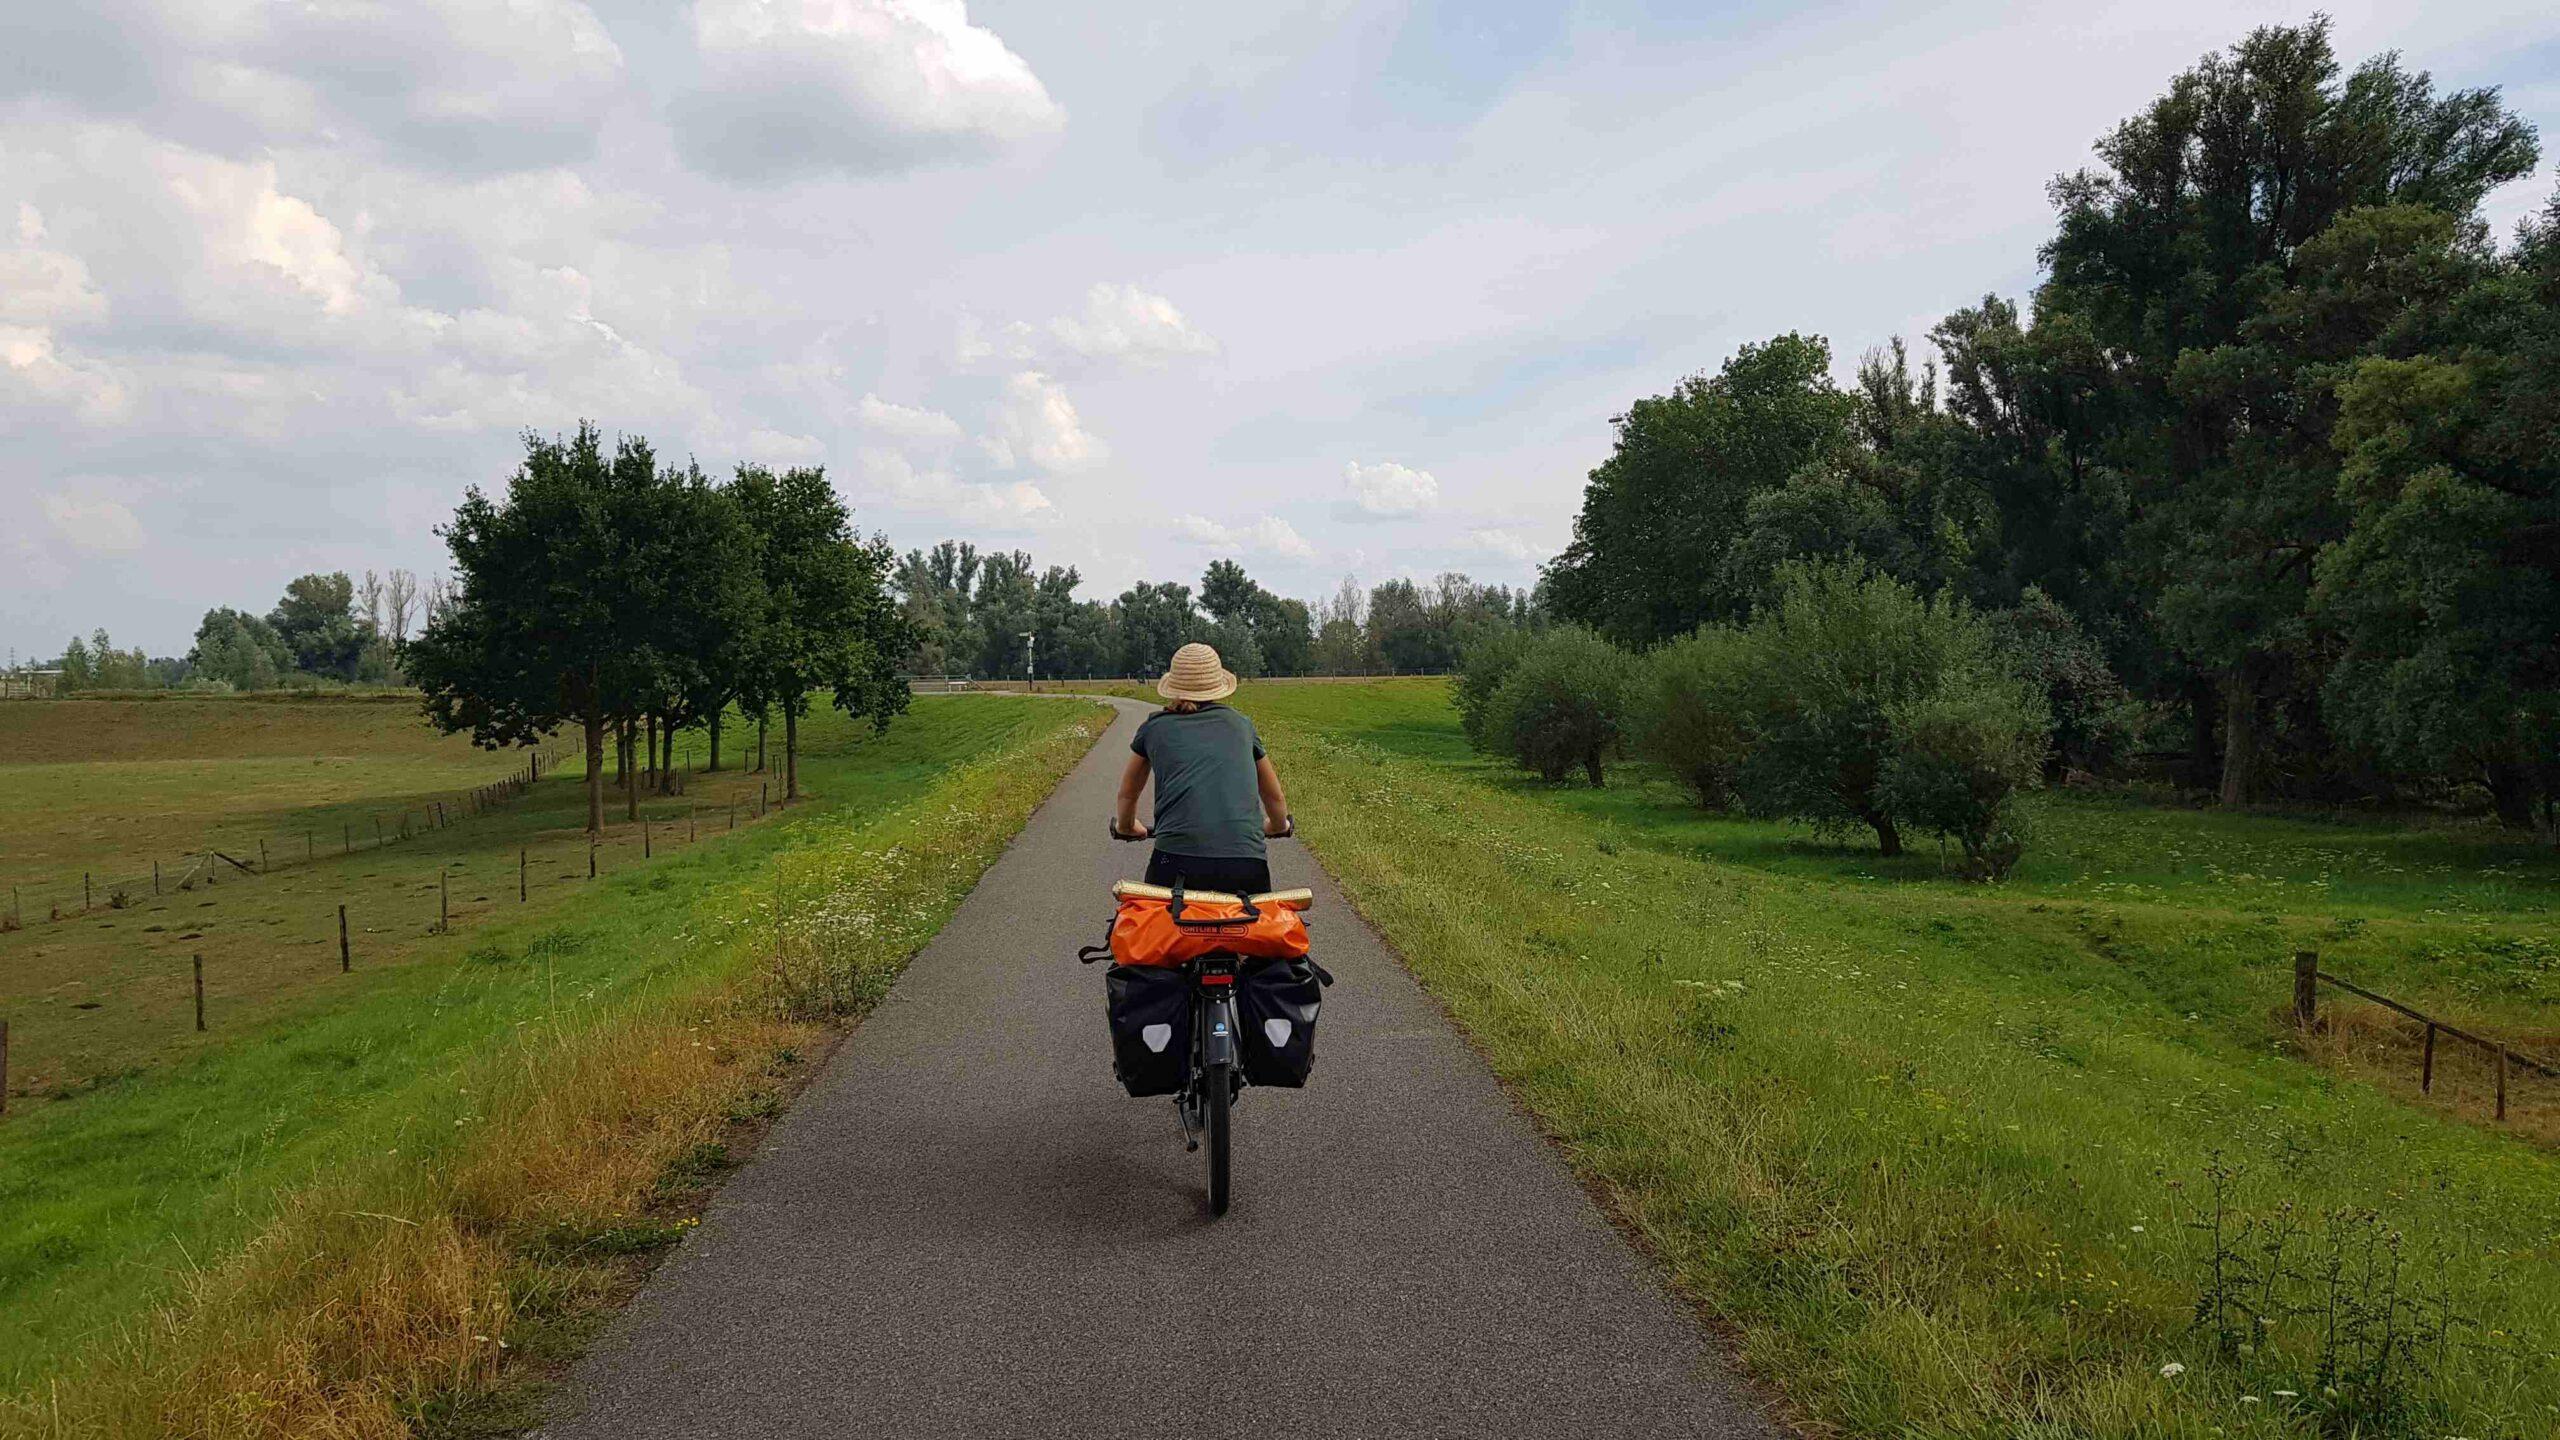 Rondje-Nederland-op-de-fiets-Millingen-aan-de-Rijn